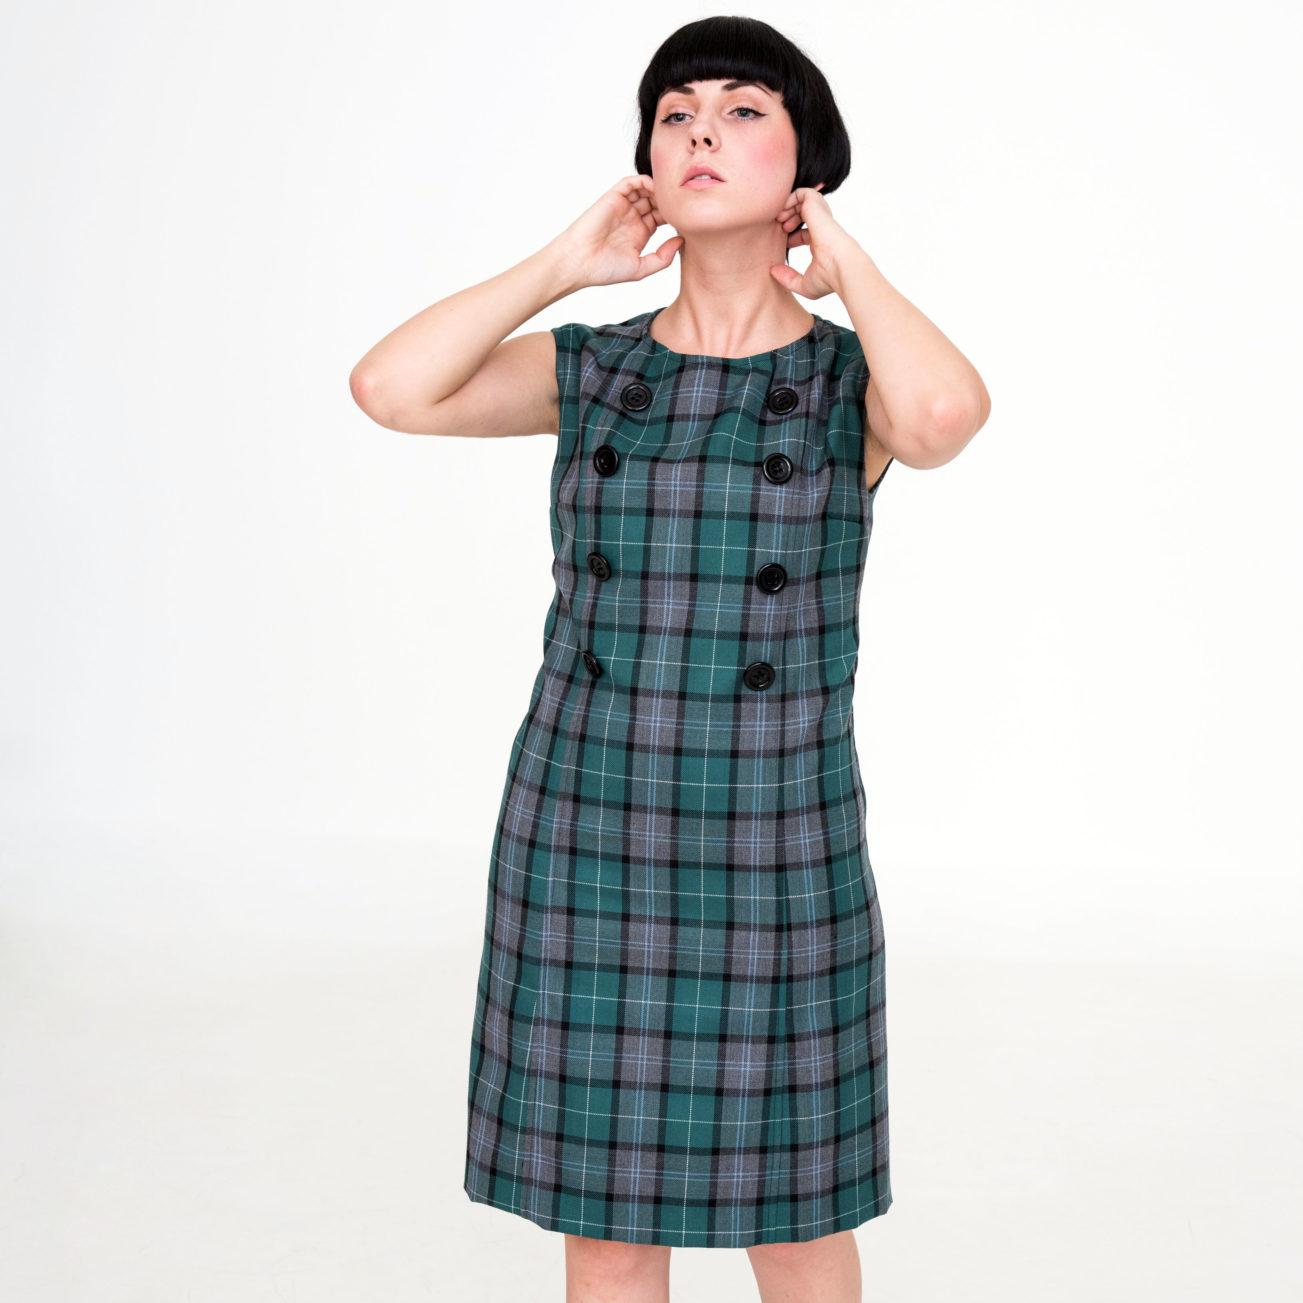 Vestido cuadros mod de Modet frontal